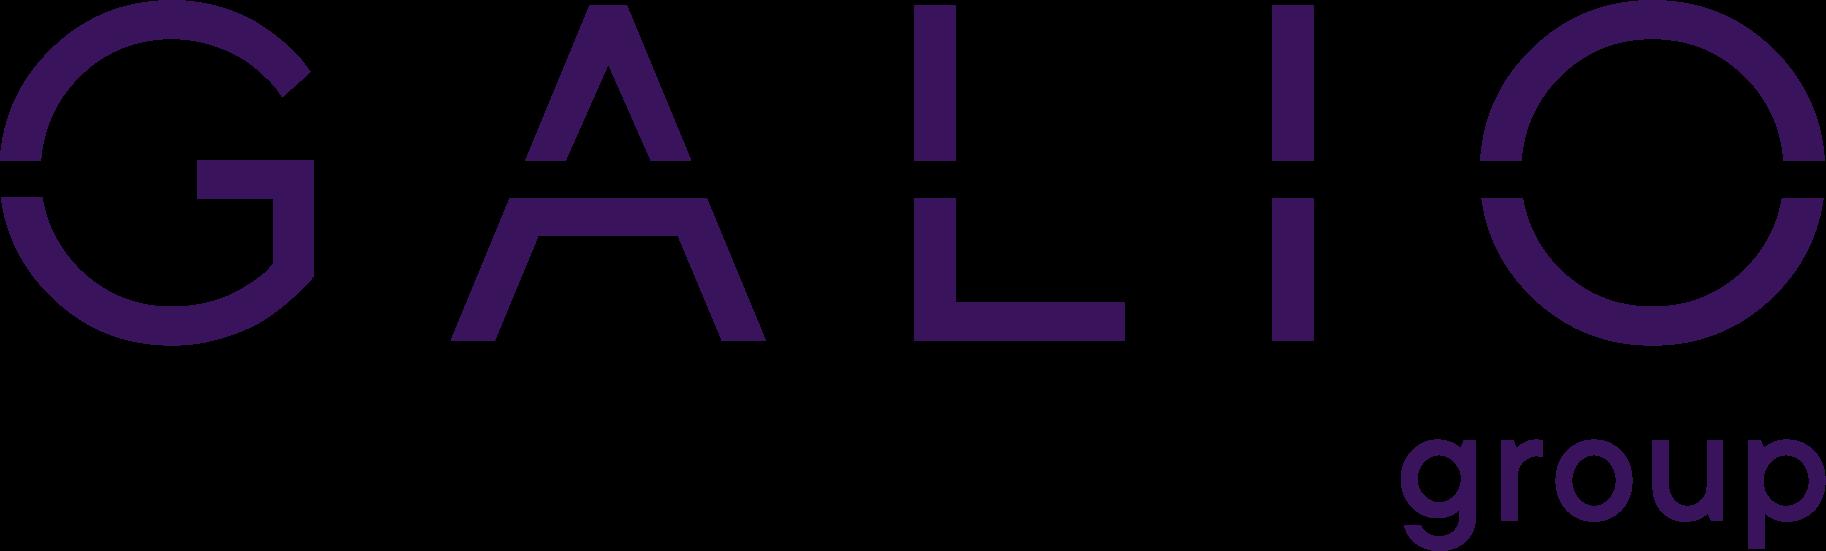 Galio group